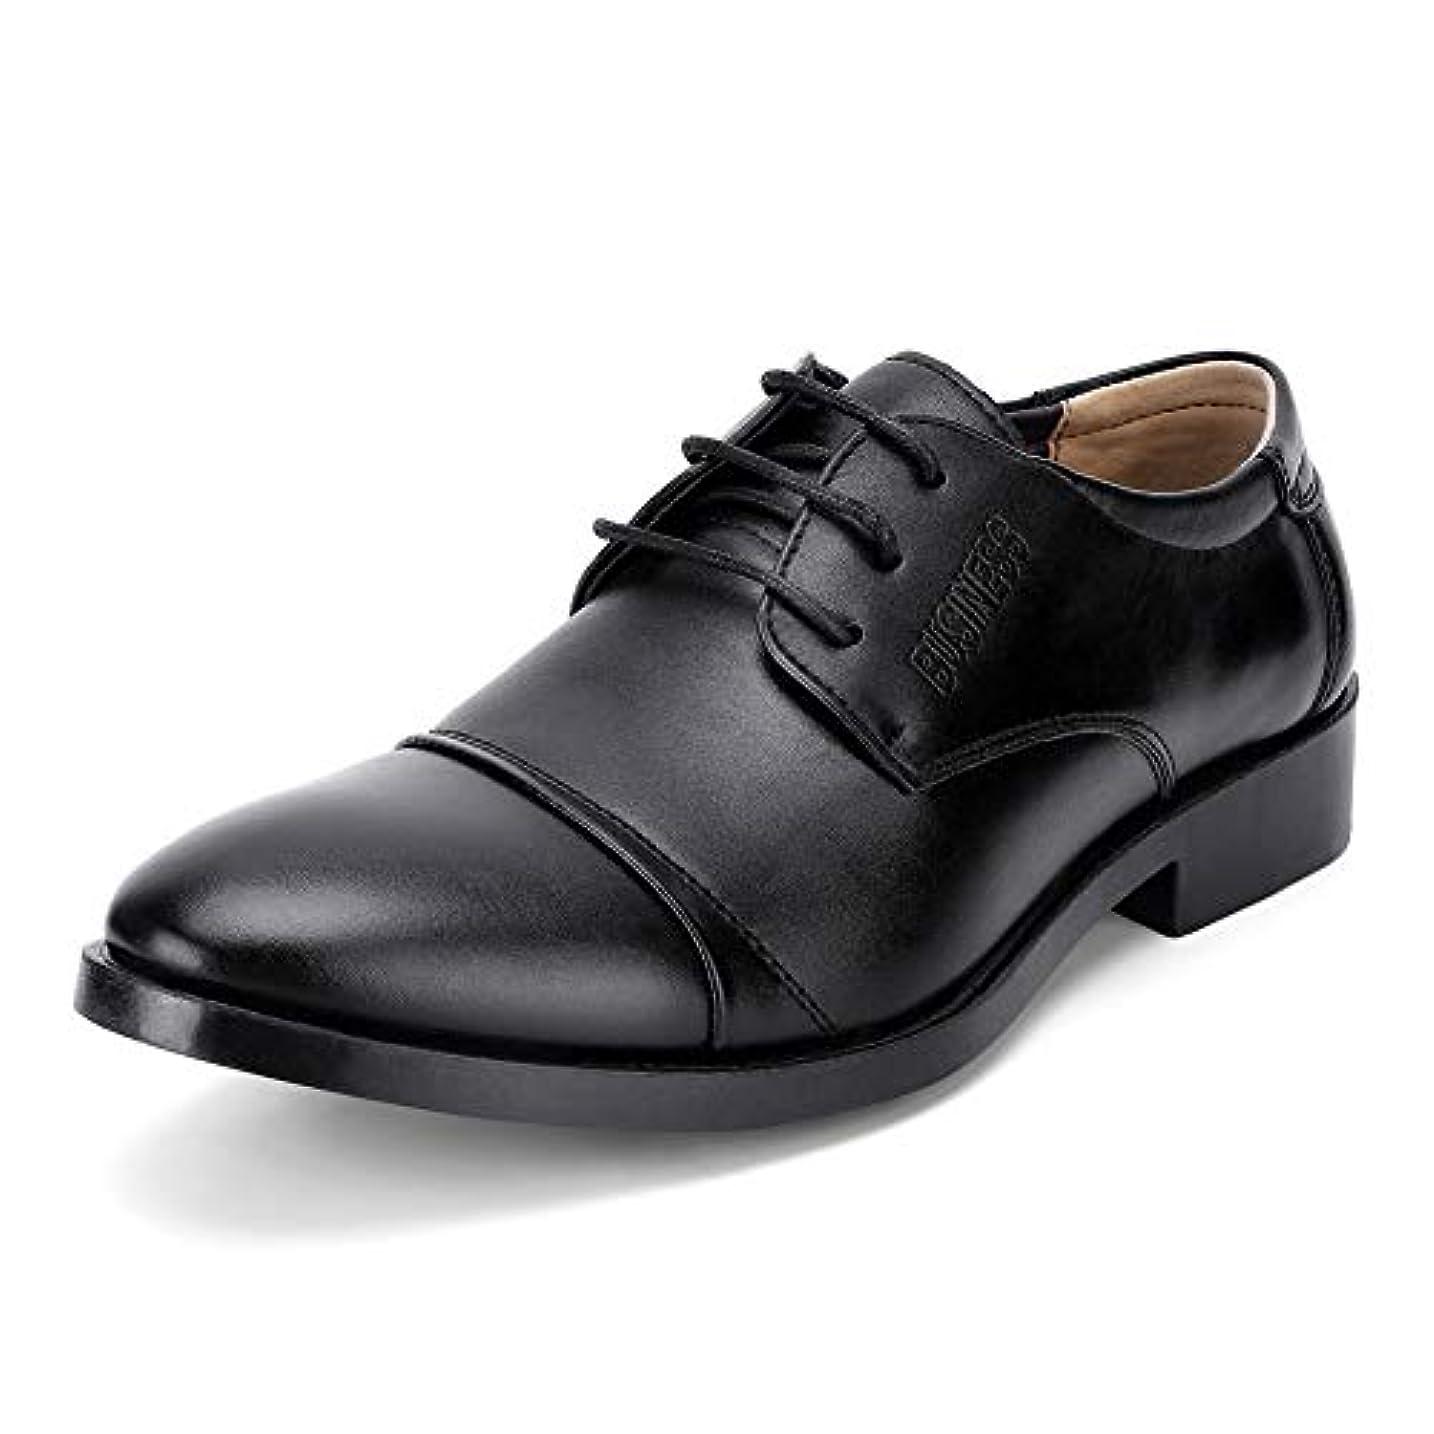 たらい韓国最大限ビジネスシューズ メンズ 紳士靴 革靴 ビジネス 冠婚葬祭 ストレートチップ レースアップ